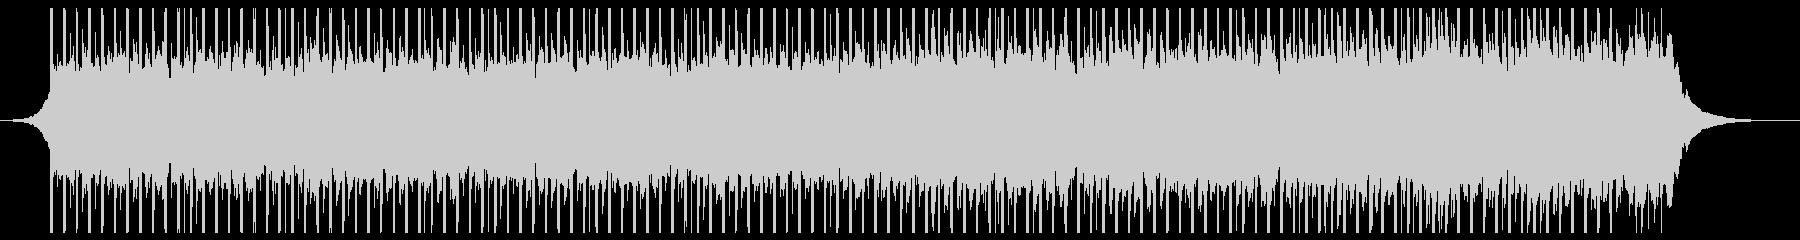 楽観(60秒)の未再生の波形